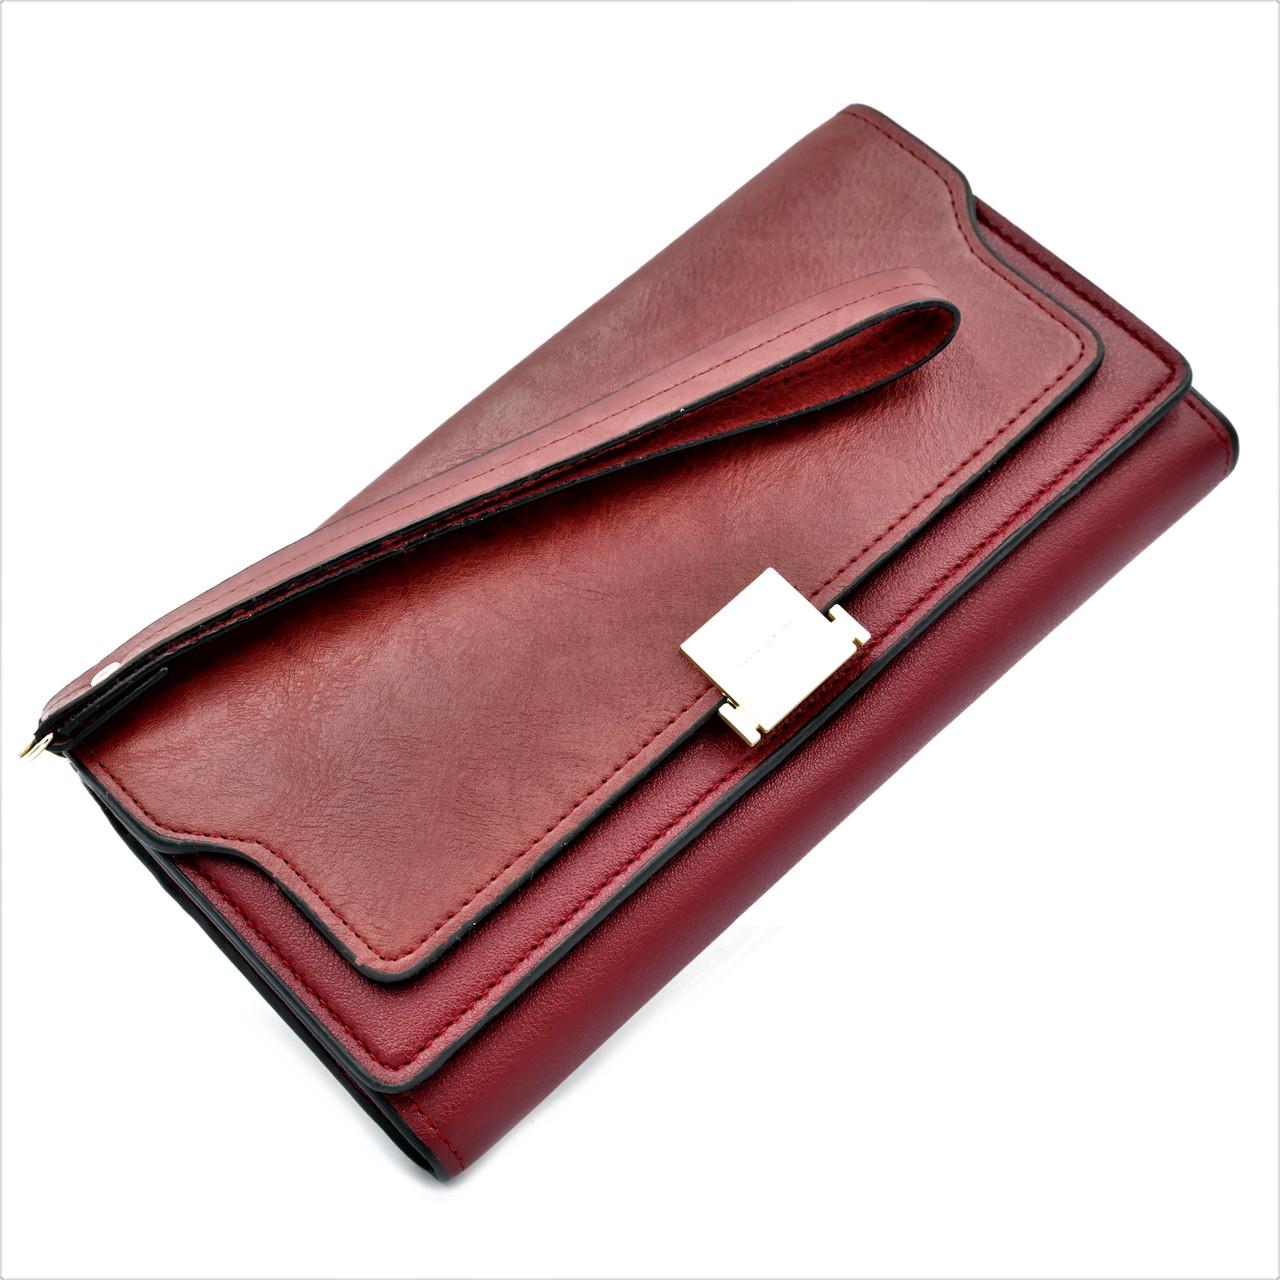 Женский кошелёк из эко кожи Красный качественный современный кошелек для женщины Кошелек для девушки